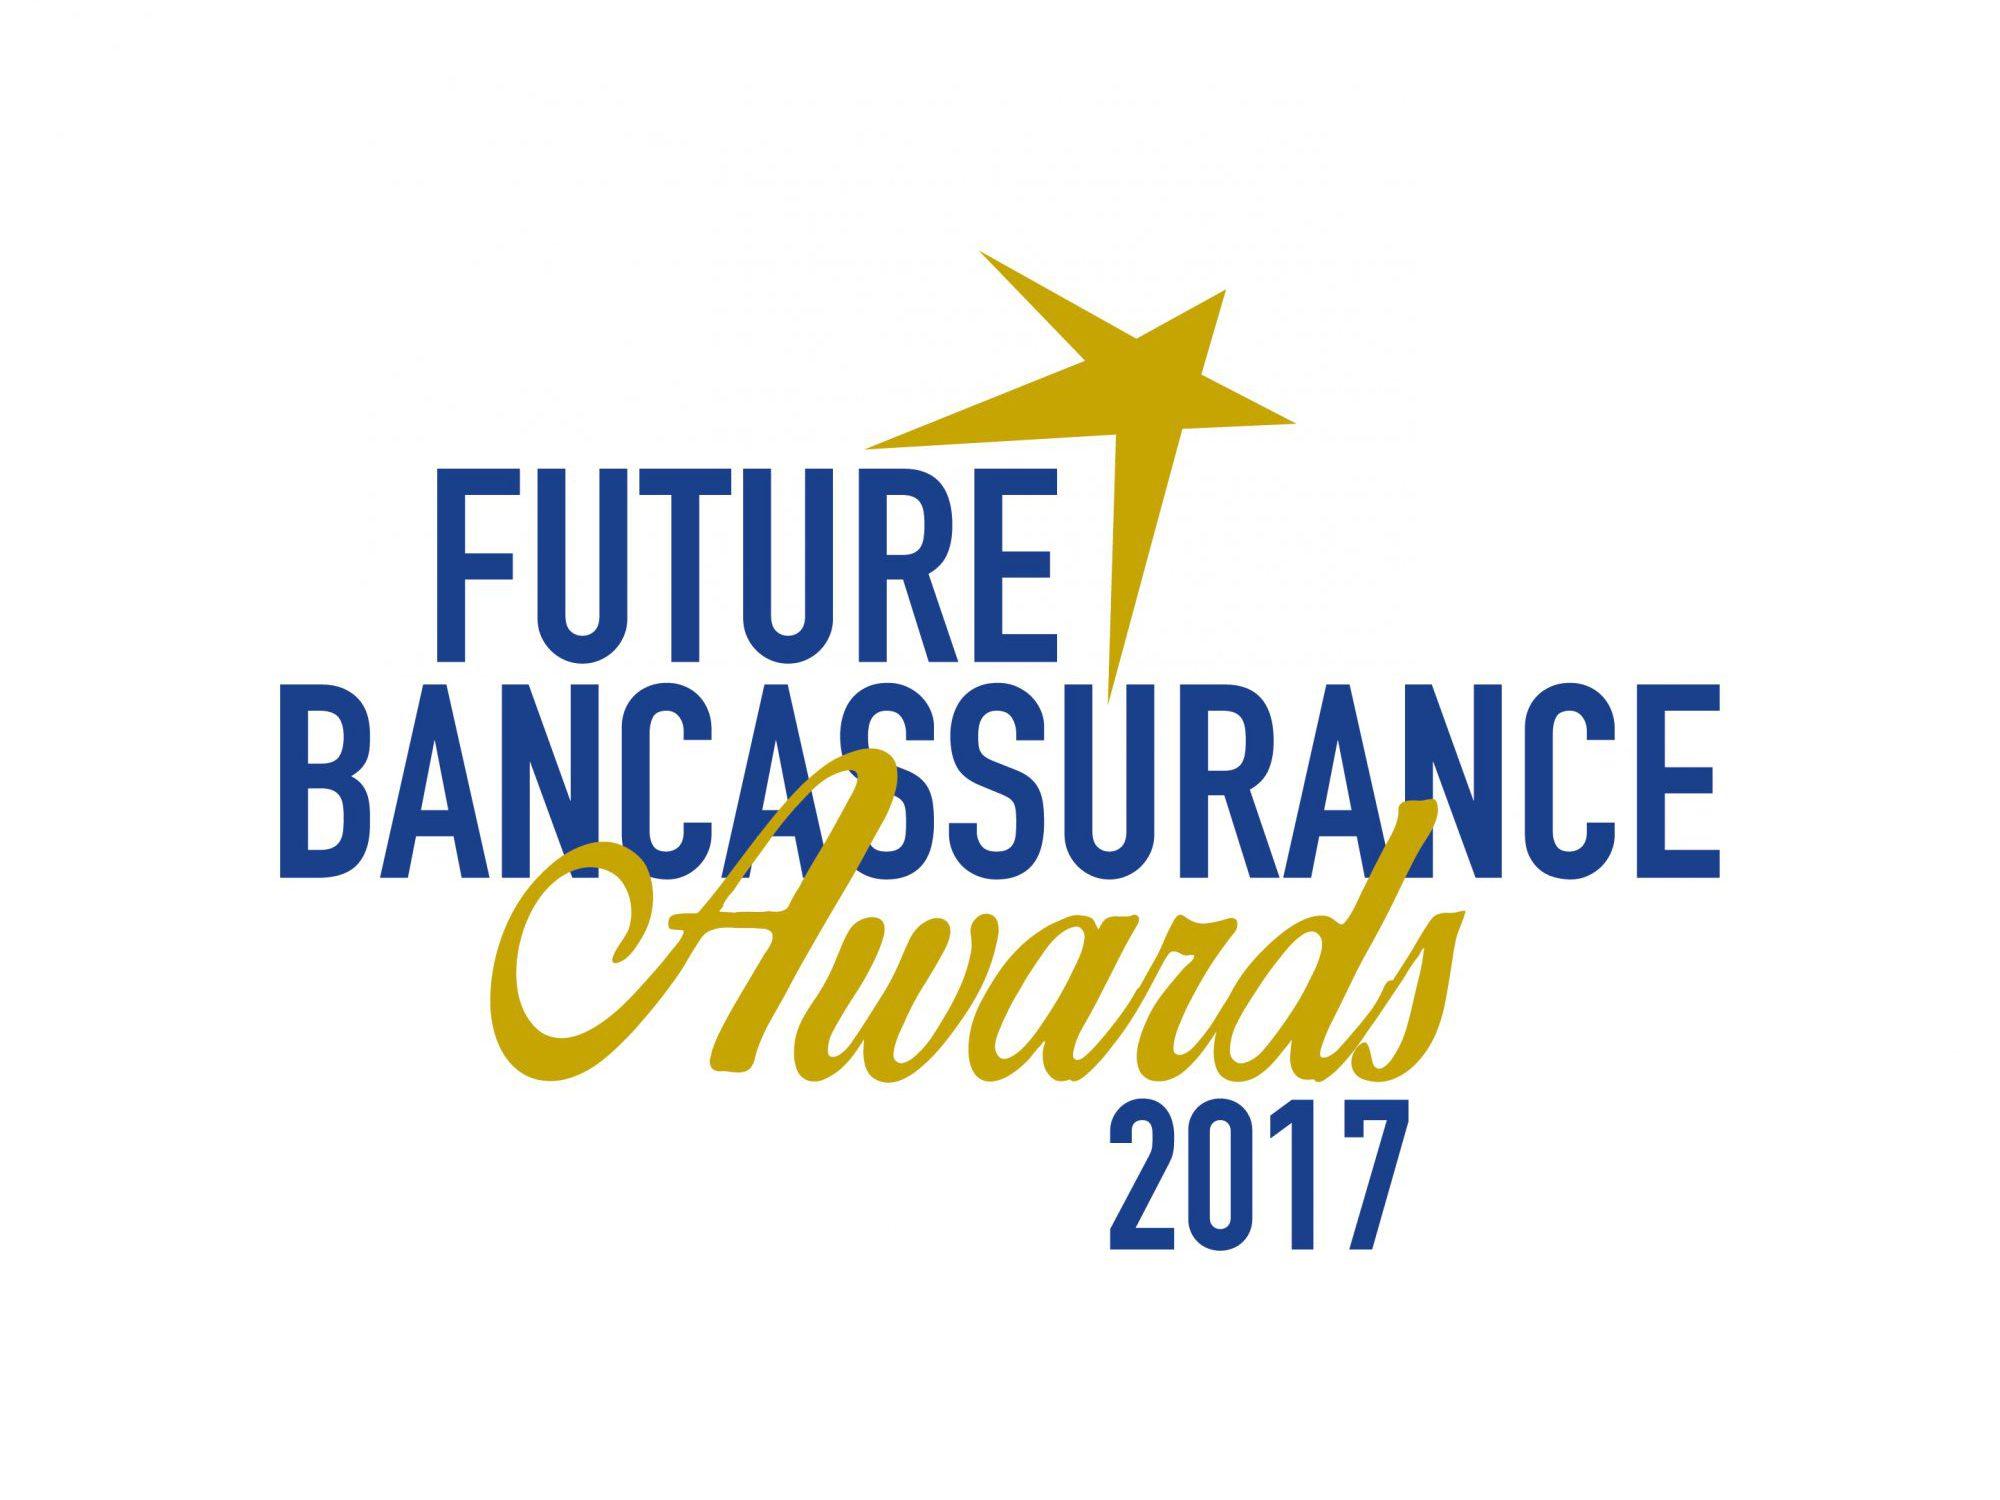 Future Bancassurance Award 2017